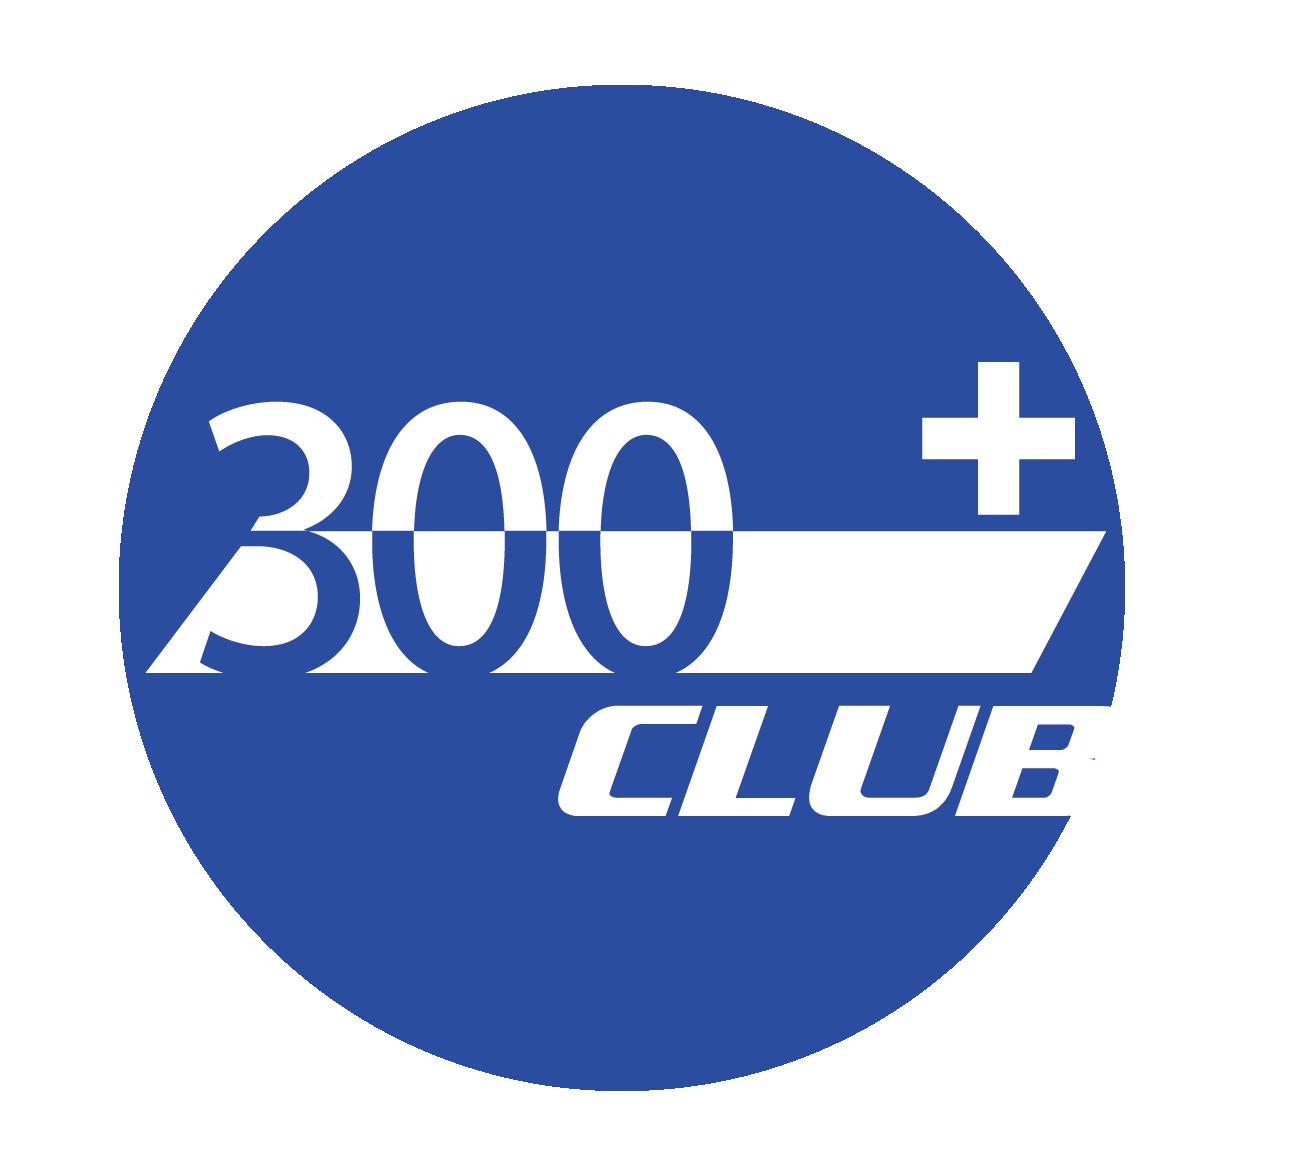 三百俱乐部